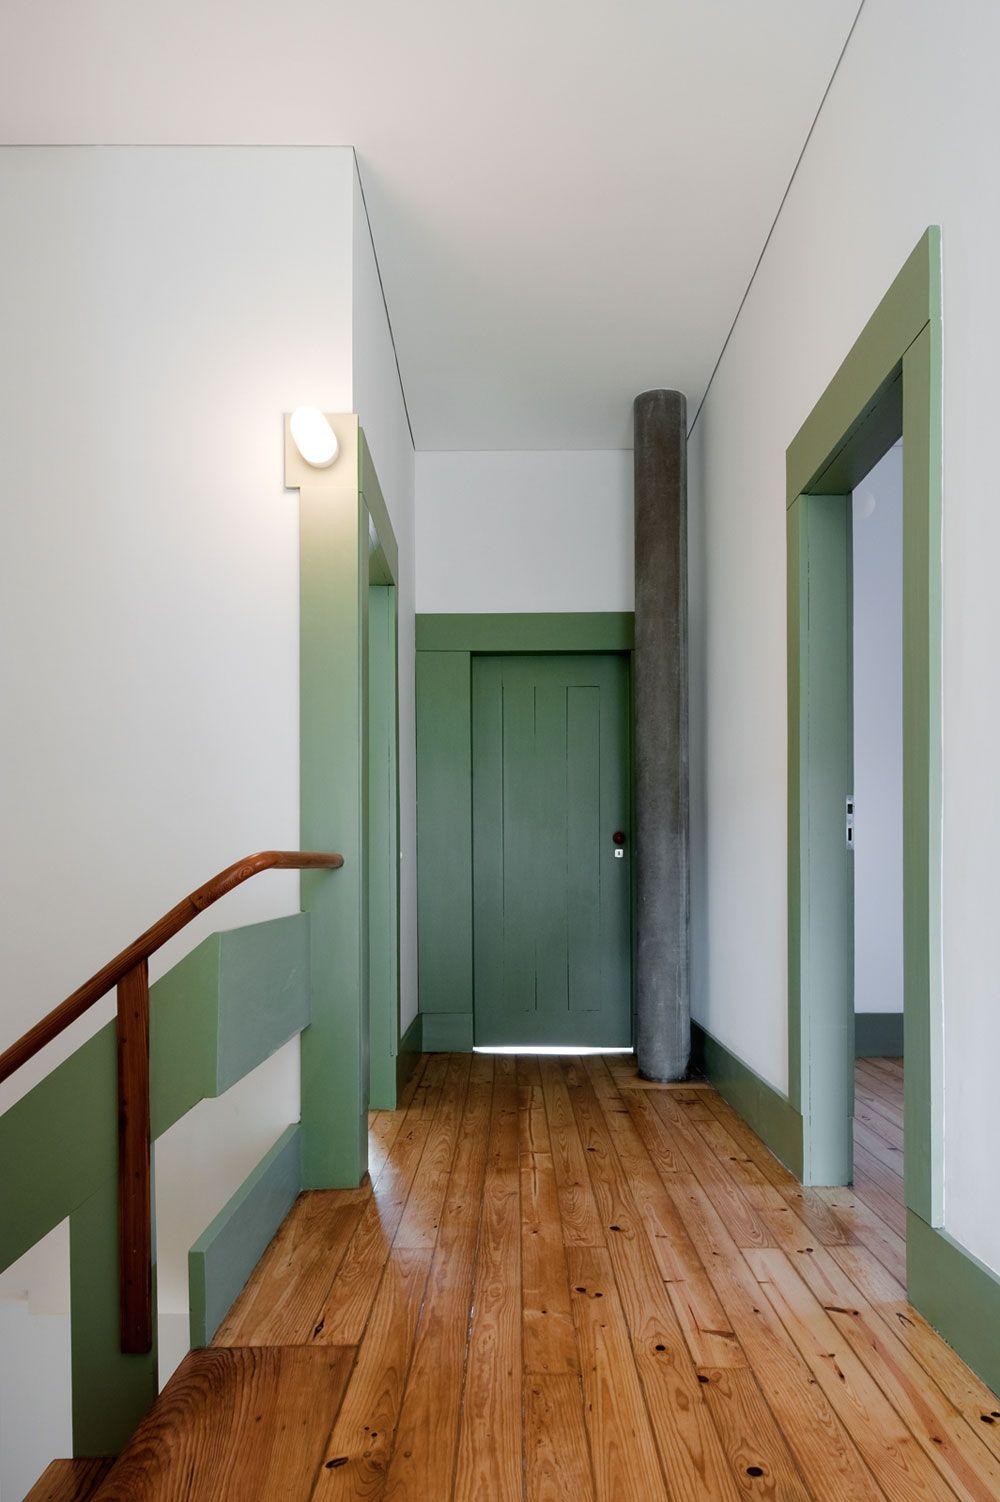 Casa em roberto ivens alvaro siza interni for Architettura e design interni